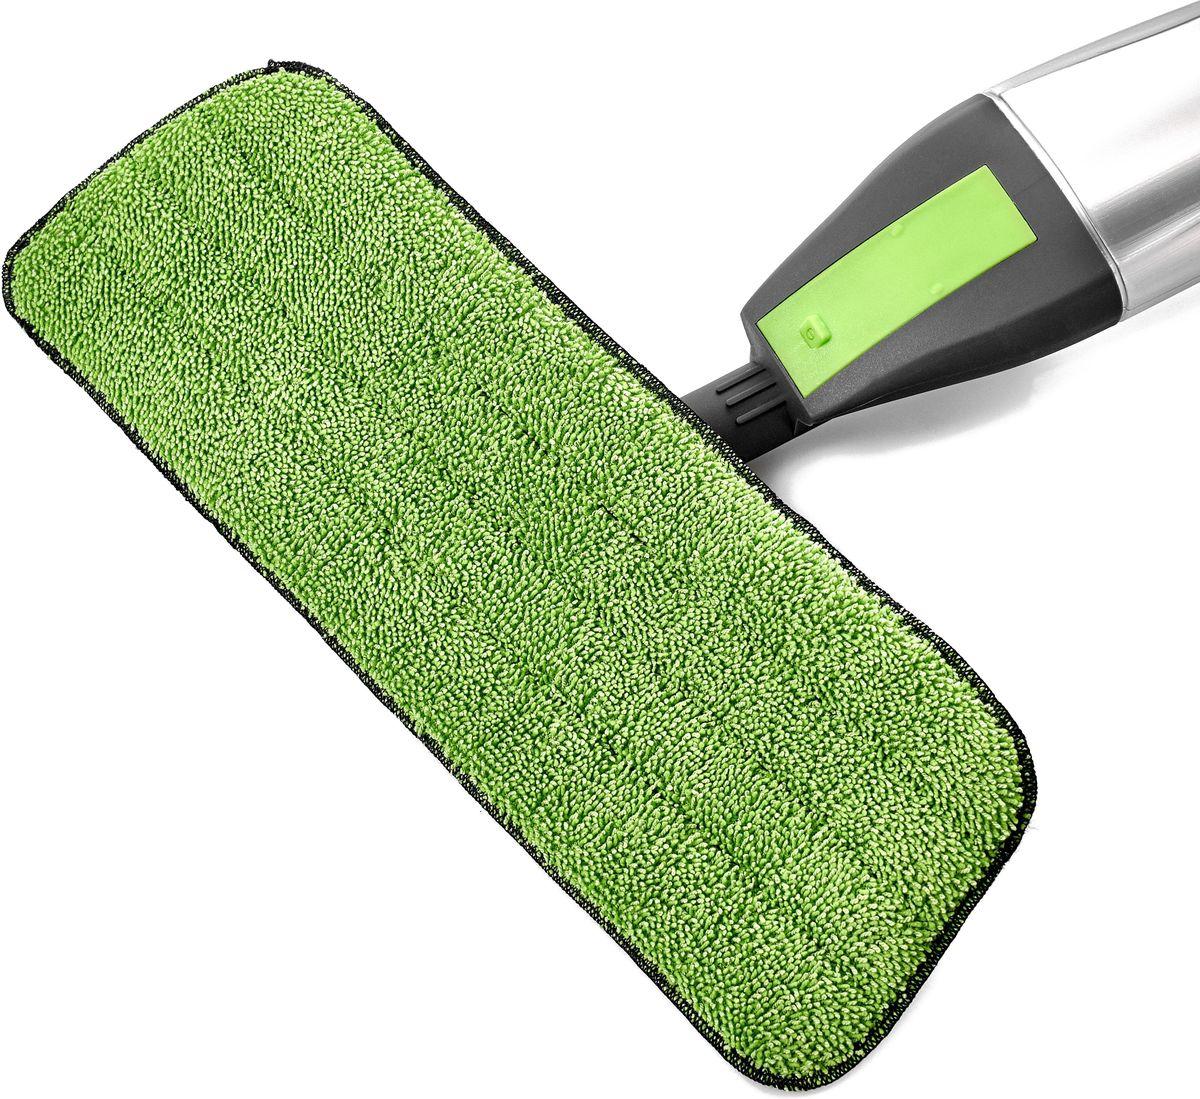 Насадка сменная для швабры спрей мопа Walmer House, цвет: зеленый, 41 х 14 см182327син, синийСменная насадка для швабры спрей мопа Walmer House выполнена измикрофибры.Насадки из микроволокна обладают несколькими важнымидостоинствами: микроволокно в сухом виде в процессепротирания поверхности электризуется и притягивает к себемельчайшие частицы пыли, а не разгоняет их по комнате. Привлажной уборке, благодаря способности микрофибровоговолокна поглощать влагу в семь раз больше самой ткани,насадка хорошо впитывает и удерживает влагу, забирает вструктуру ткани любые загрязнения, не оставляет разводов.Крученые петли работают как деликатный абразив иусиливают впитывающие свойства микрофибры.Использование насадки для швабры Walmer House позволяеточистить любые поверхности от пыли и грязи безиспользования химических средств. Размер: 41 х 14 см.